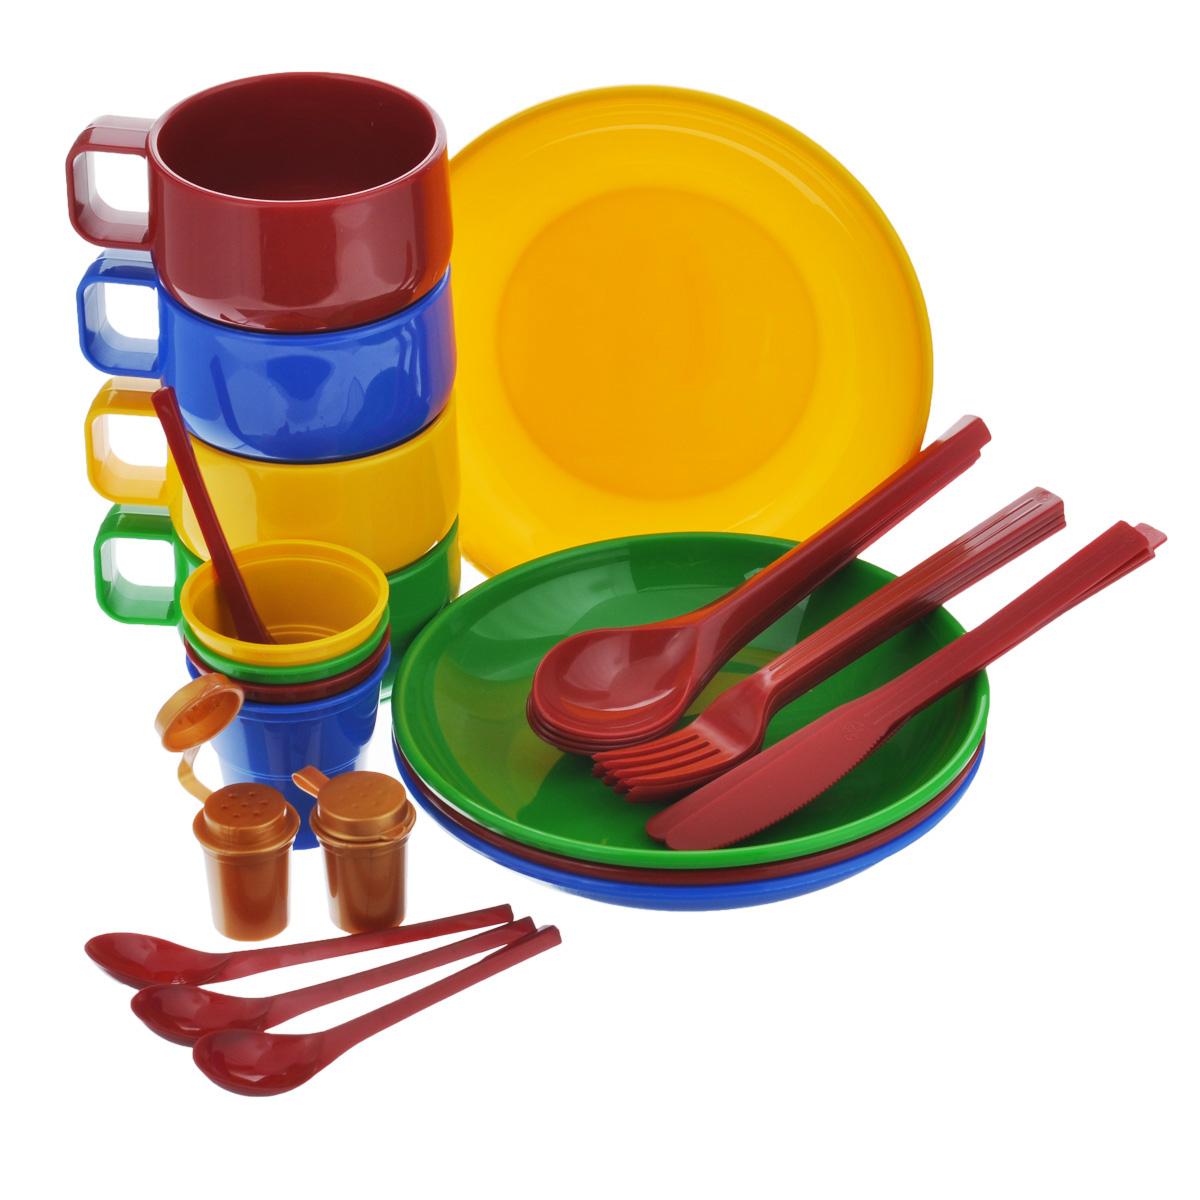 Набор посуды Solaris, на 4 персоныS1401Компактный минималистичный набор посуды Solaris на 4 персоны, в удобной виниловой сумке с ручкой и молнией. Свойства посуды: Посуда из ударопрочного пищевого полипропилена предназначена для многократного использования. Легкая, прочная и износостойкая, экологически чистая, эта посуда работает в диапазоне температур от -25°С до +110°С. Можно мыть в посудомоечной машине. Эта посуда также обеспечивает: Хранение горячих и холодных пищевых продуктов; Разогрев продуктов в микроволновой печи; Приготовление пищи в микроволновой печи на пару (пароварка); Хранение продуктов в холодильной и морозильной камере; Кипячение воды с помощью электрокипятильника. Комплектация набора на 4 персоны: 4 тарелки; 4 чашки объемом 0,28 л; 4 стакана с мерными делениями объемом 0,1 л; 4 вилки; 4 столовых ложки; 4 ножа; 4 чайные ложки; 2 солонки. Диаметр тарелок: 19 см. Высота тарелок: 3 см. Высота...